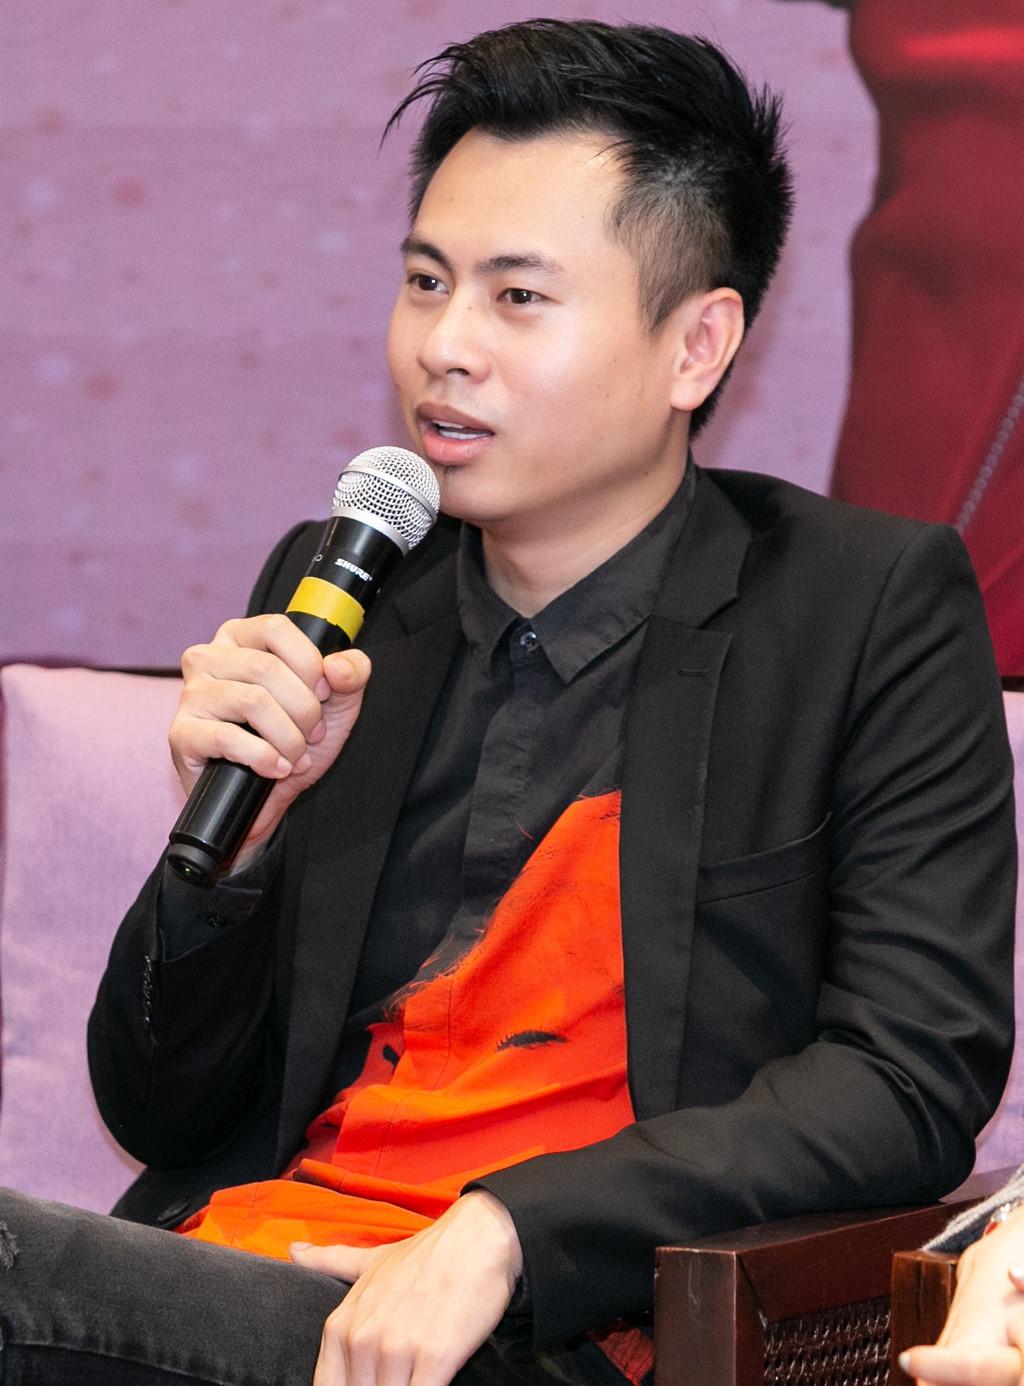 Dương Cầm: Nếu có quyền, tôi sẽ cấm ca khúc Như lời đồn của Bảo Anh-1